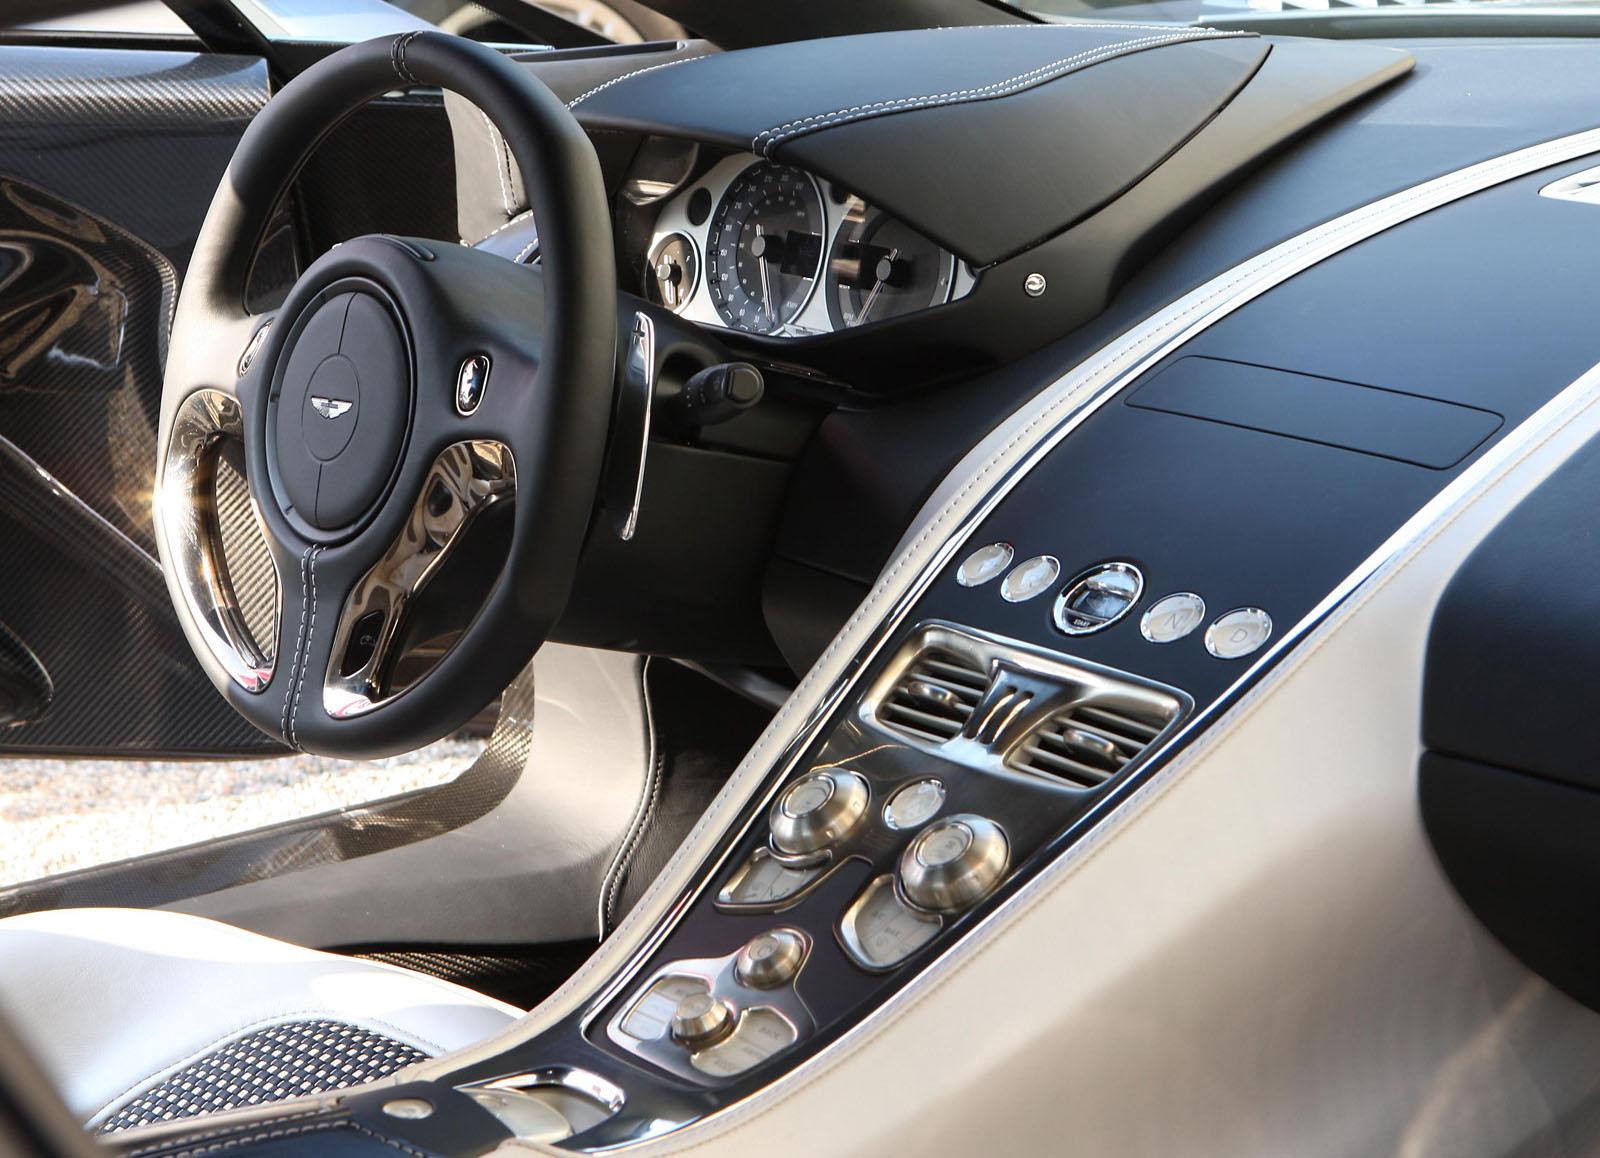 [Images: Drew Smith, Aston Martin And OmniAuto]